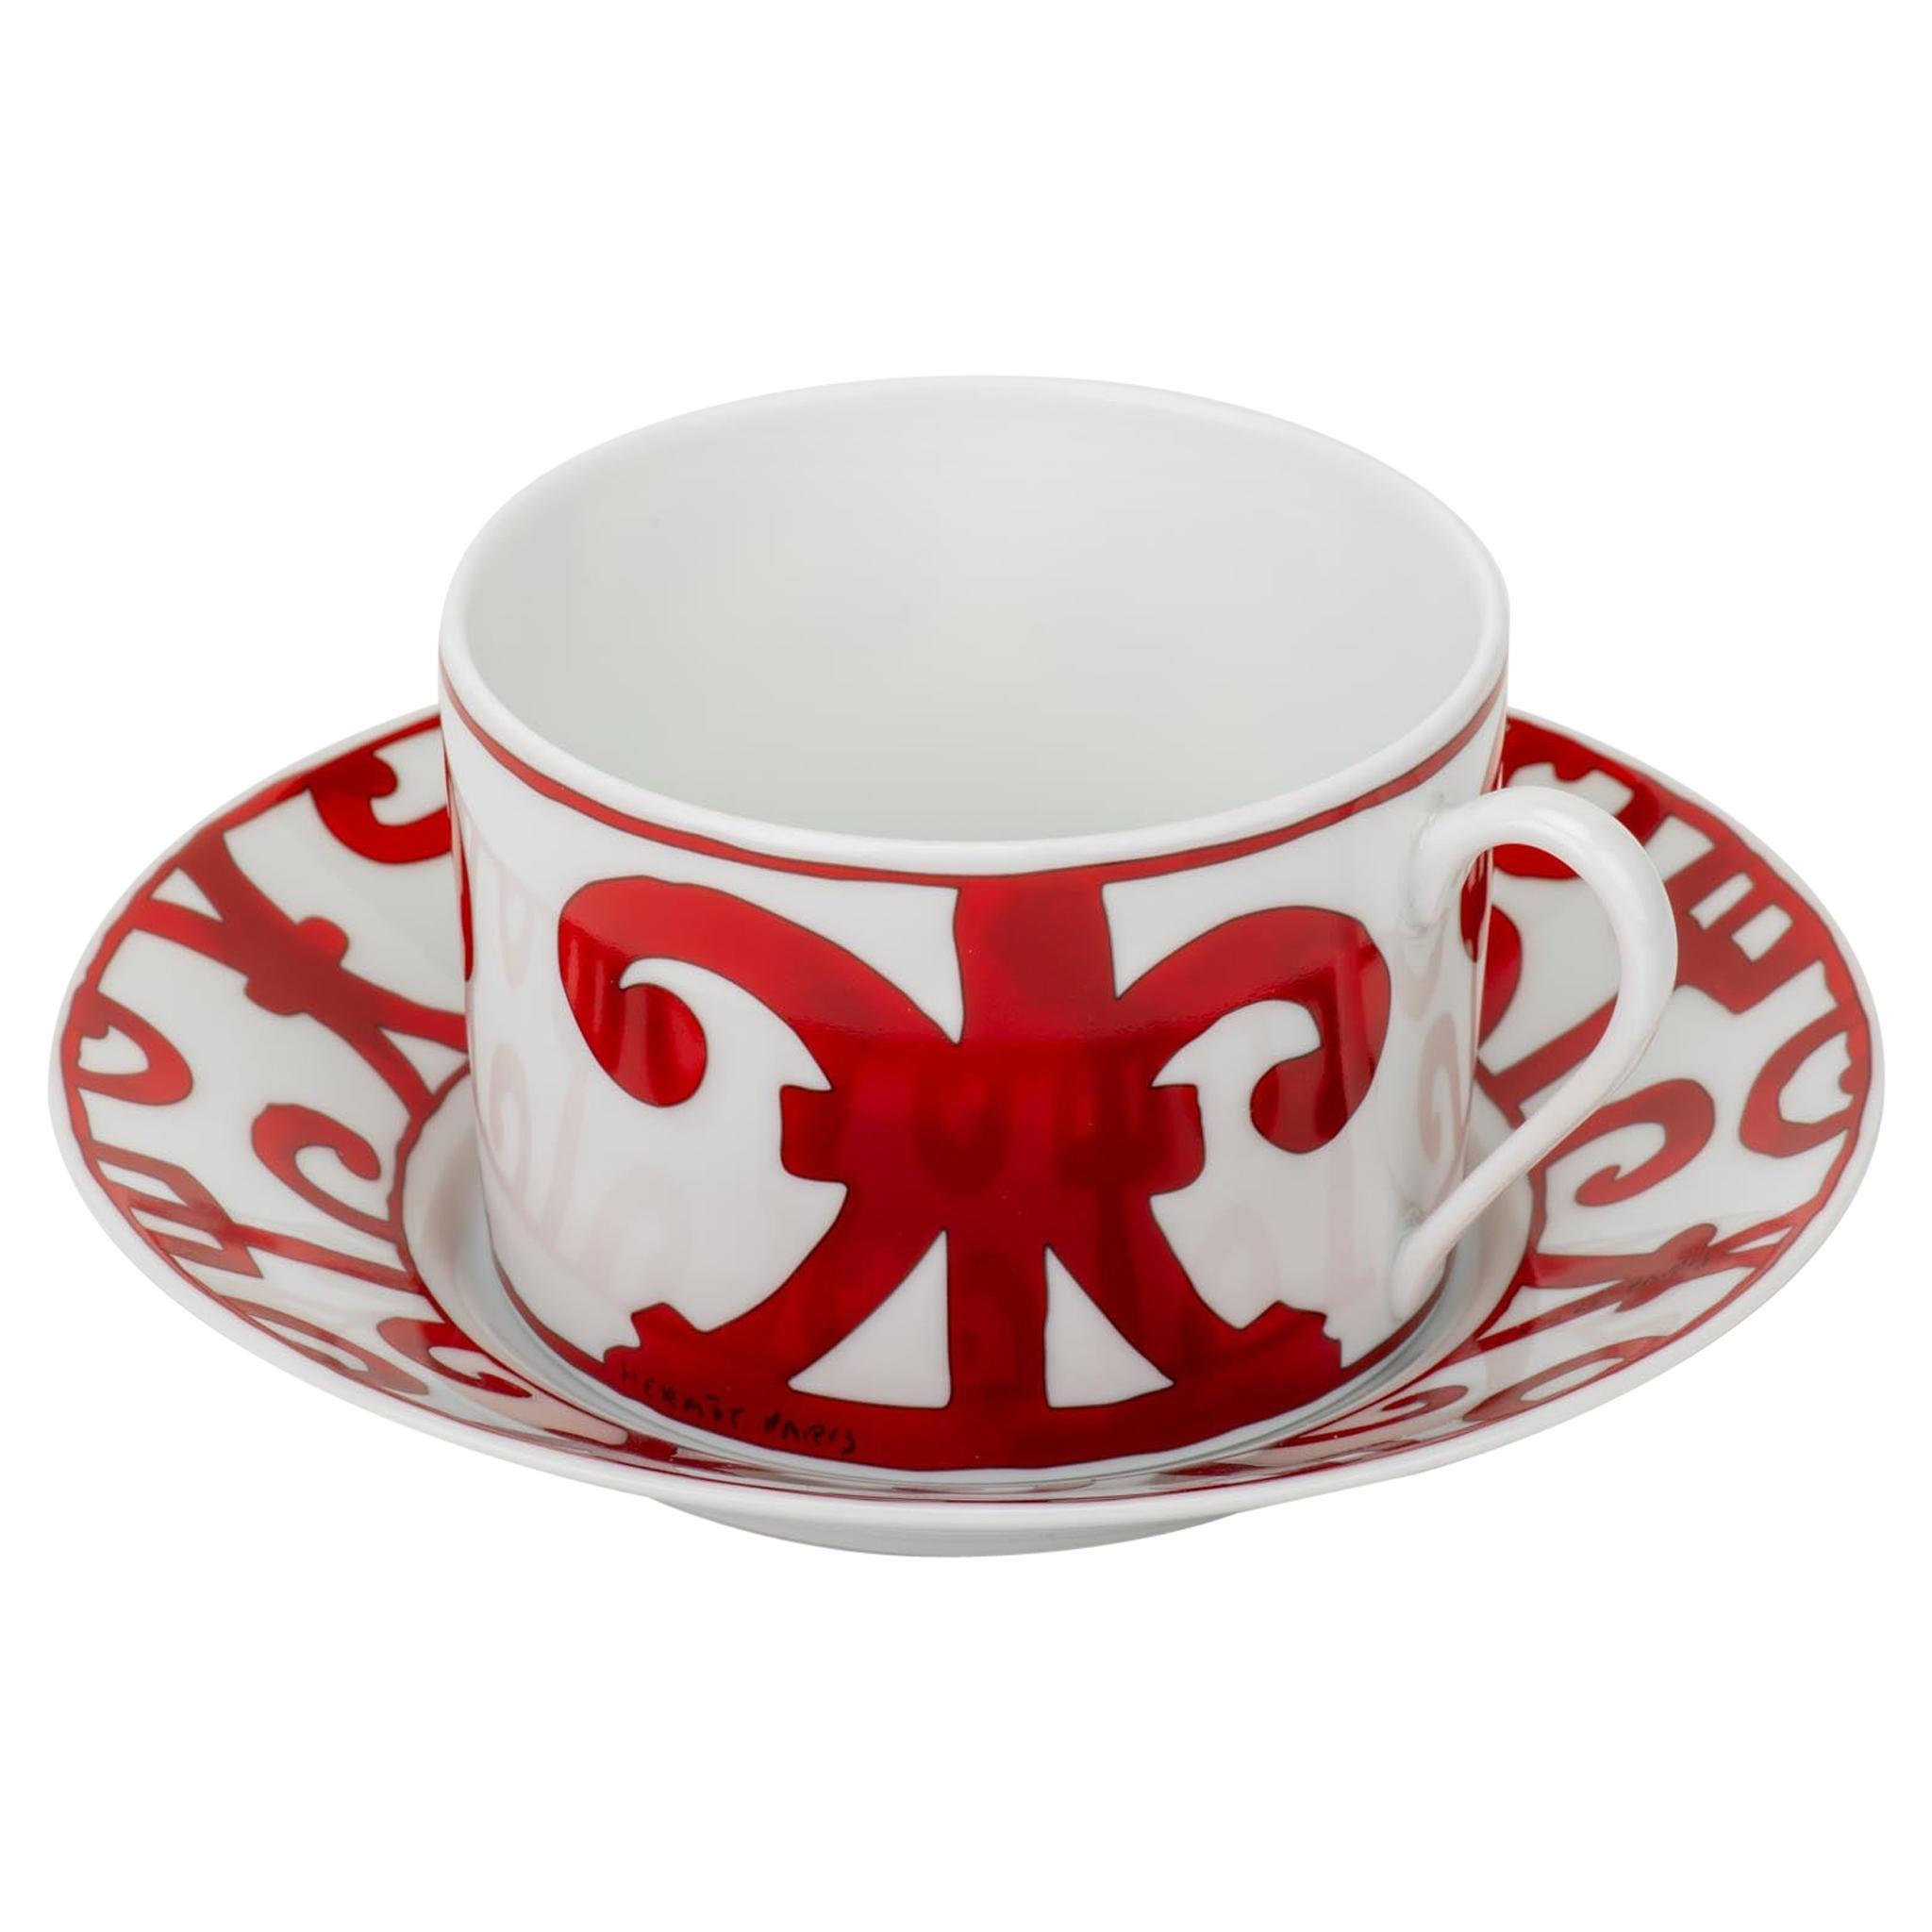 Hermès Porcelain Teacup & Saucer In Box